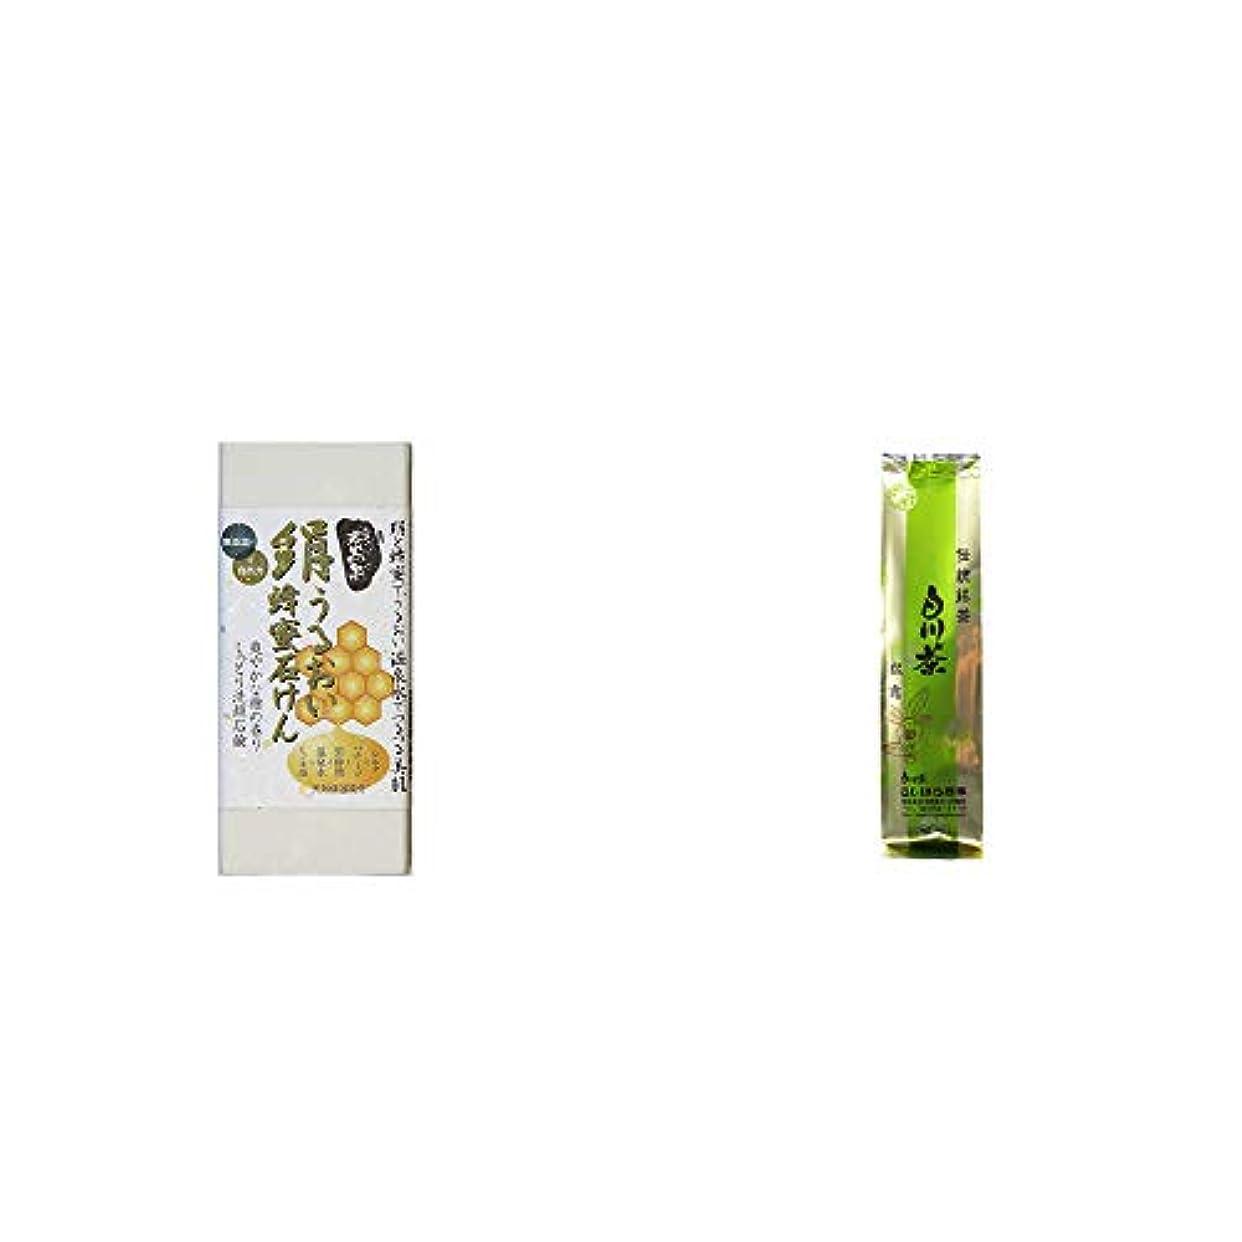 アーサーコナンドイル愛[2点セット] ひのき炭黒泉 絹うるおい蜂蜜石けん(75g×2)?白川茶 伝統銘茶【松露】(180g)